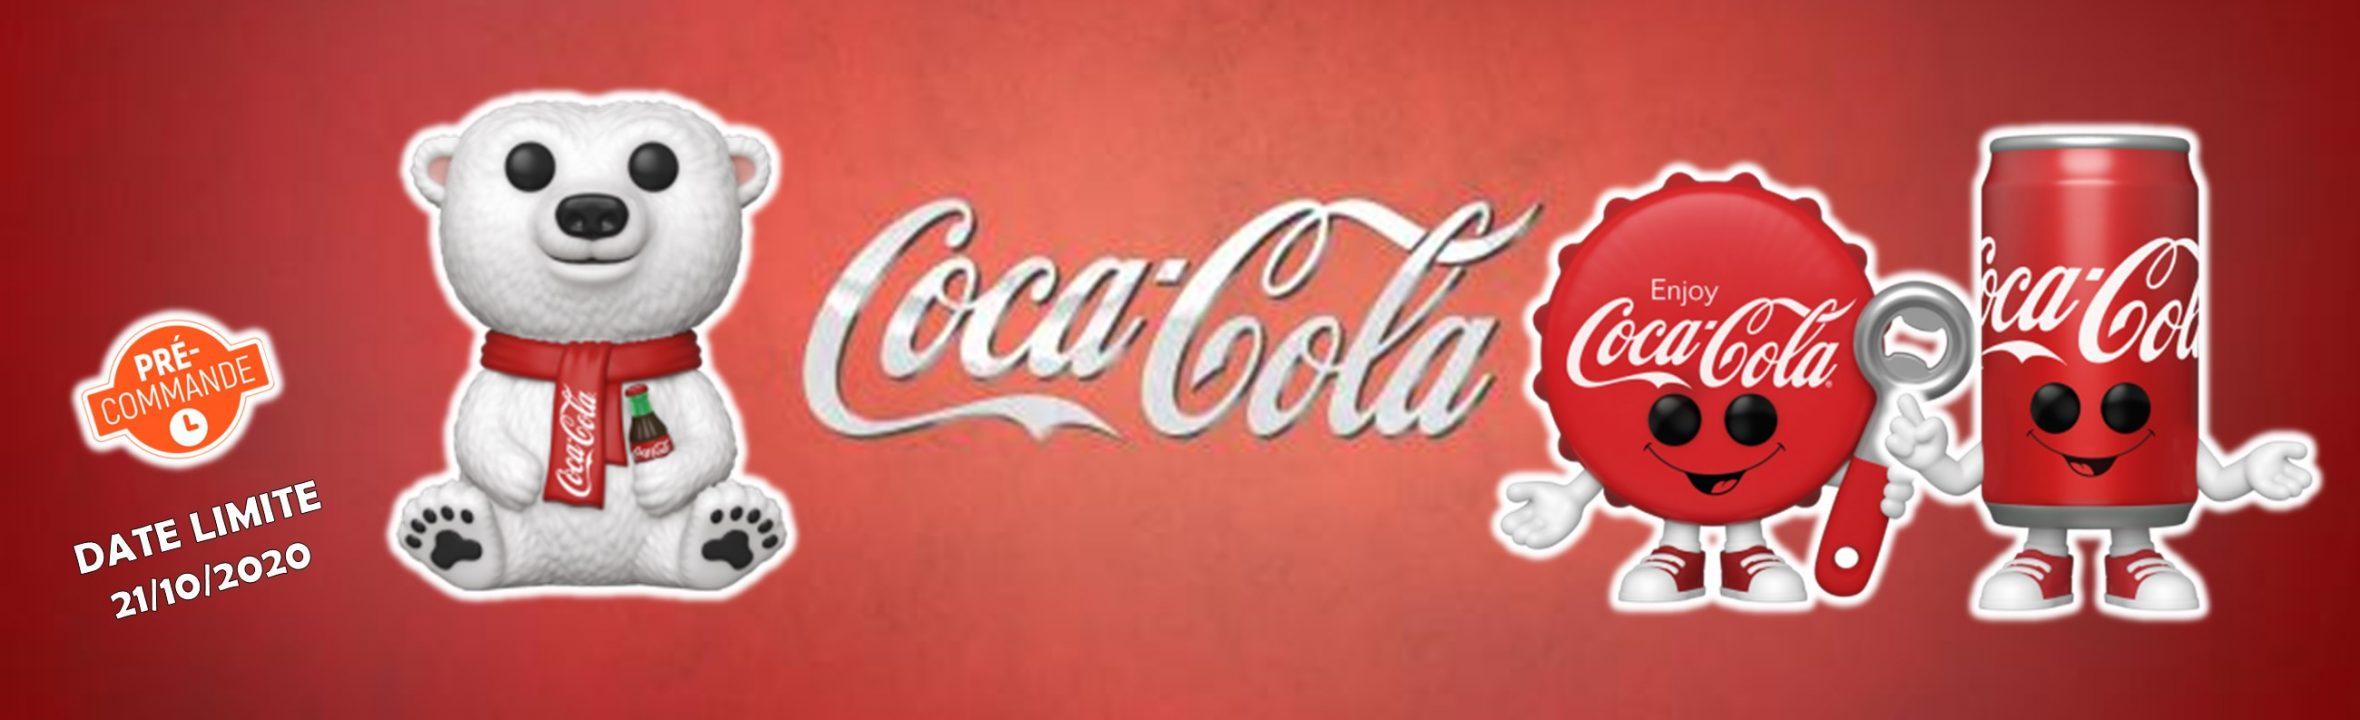 funko pop coca cola goodin shop